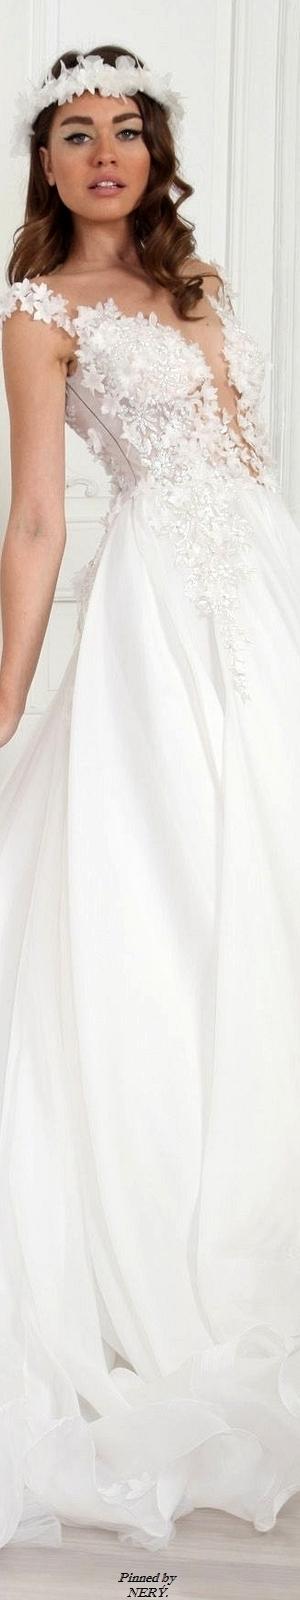 Maison Roula Spring-Summer 2016 Bridal